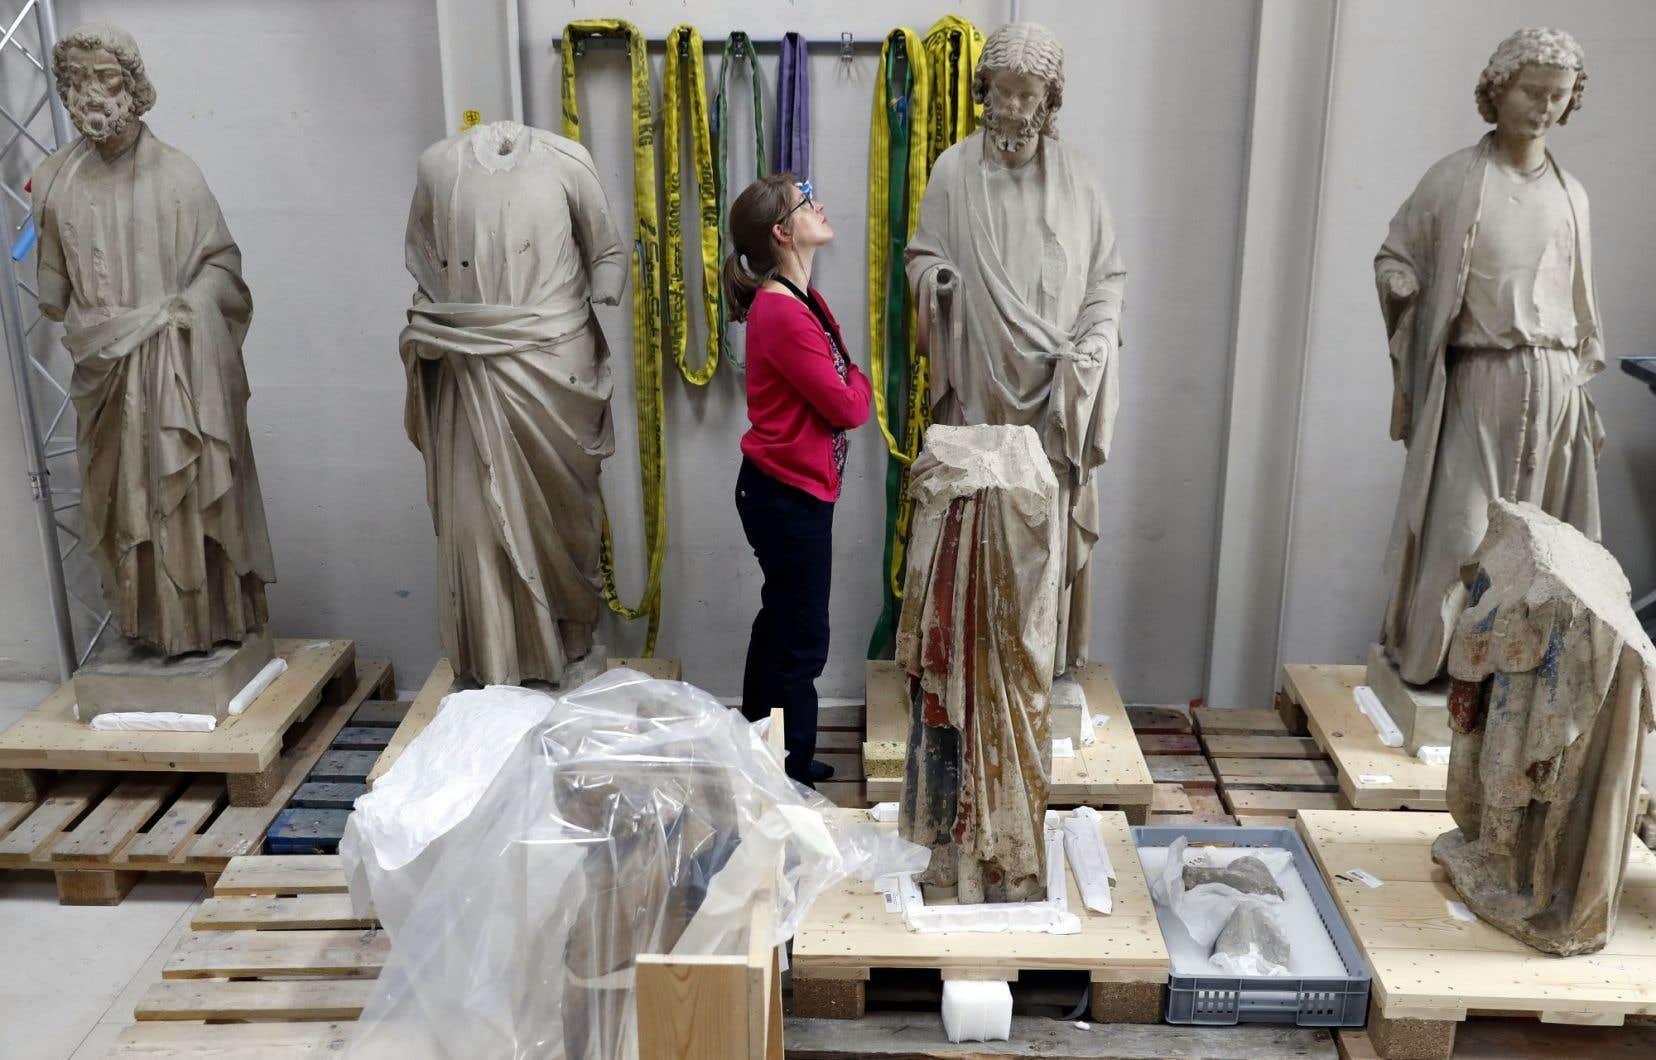 Alexandra Gérard, du Centre de recherche et de restauration des musées de France, observe les statues avec attention.